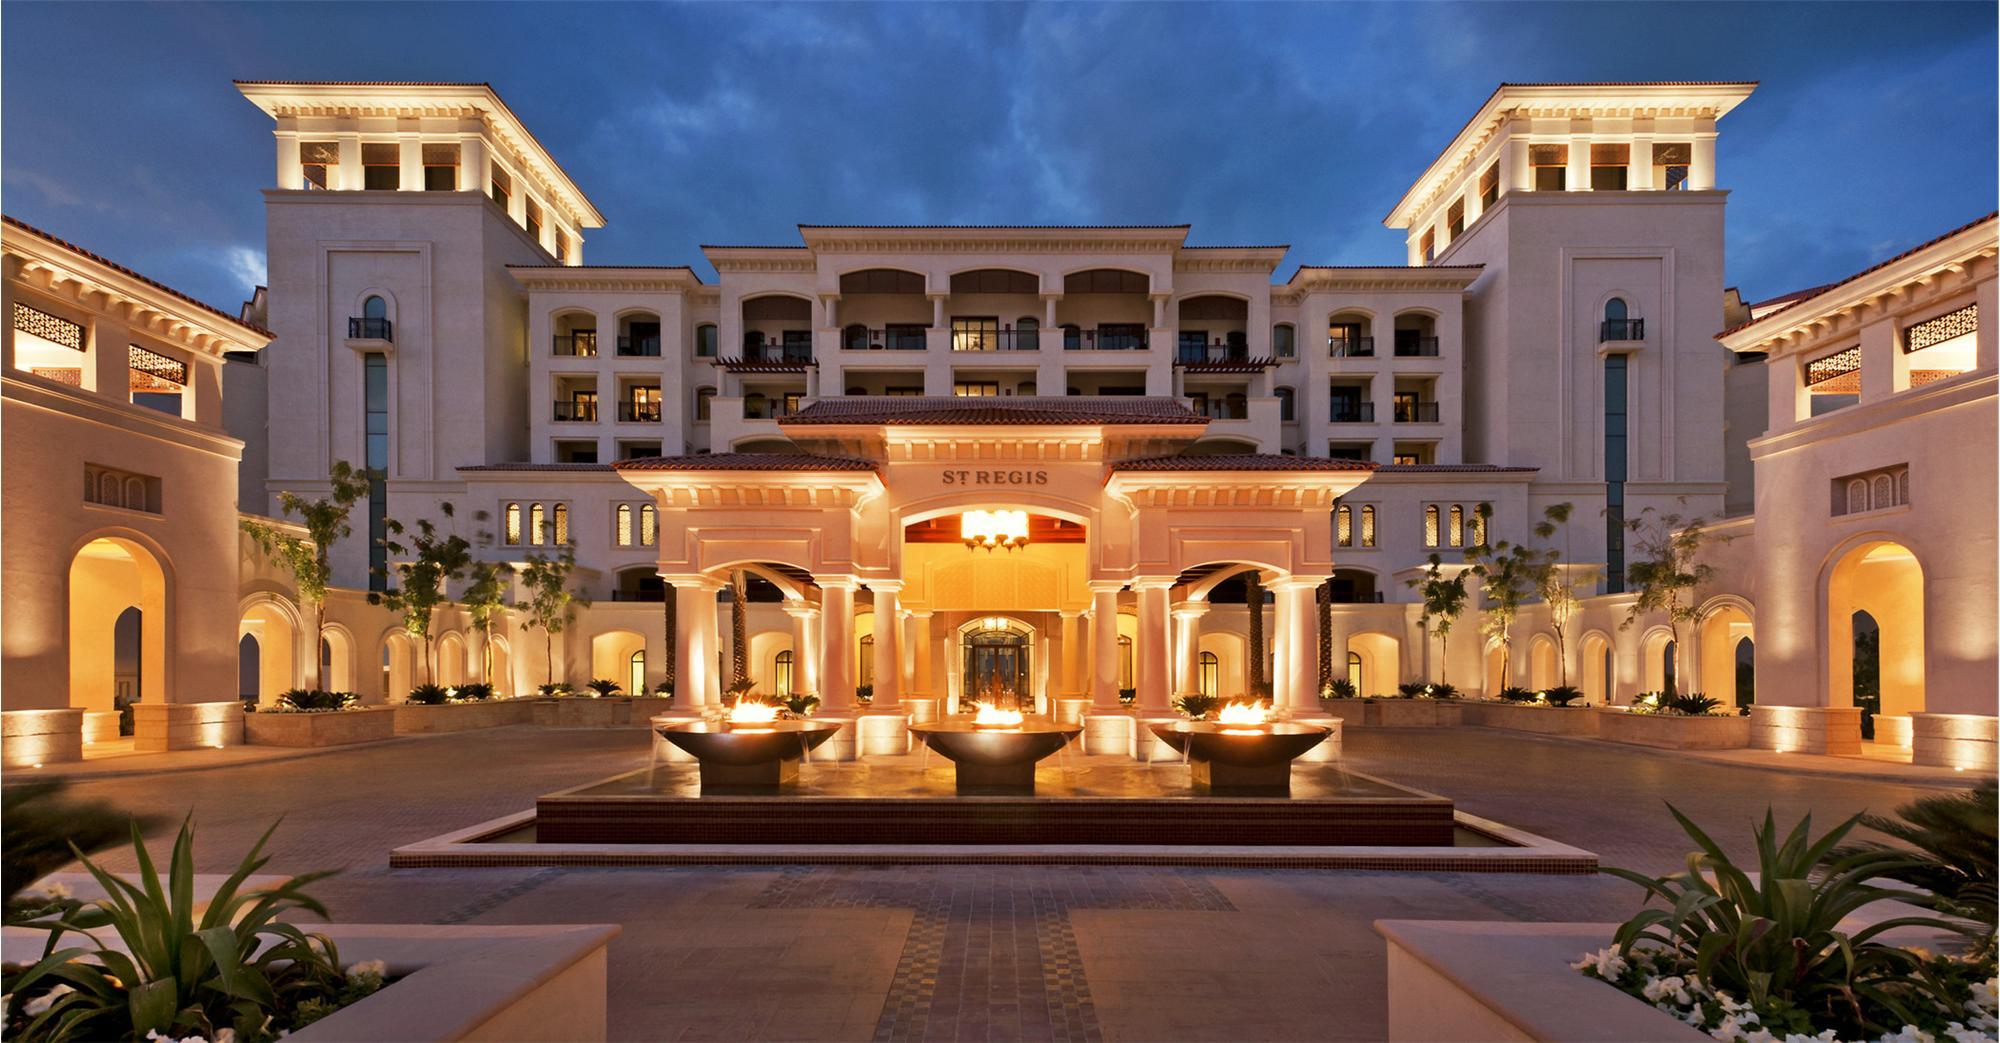 Hotel abu dhabi luxury hotel abu dhabi 5 star hotel abu dhabi hotel u a e luxushotel vereinigte arabische emirate luxushotel abu d hotel u a e